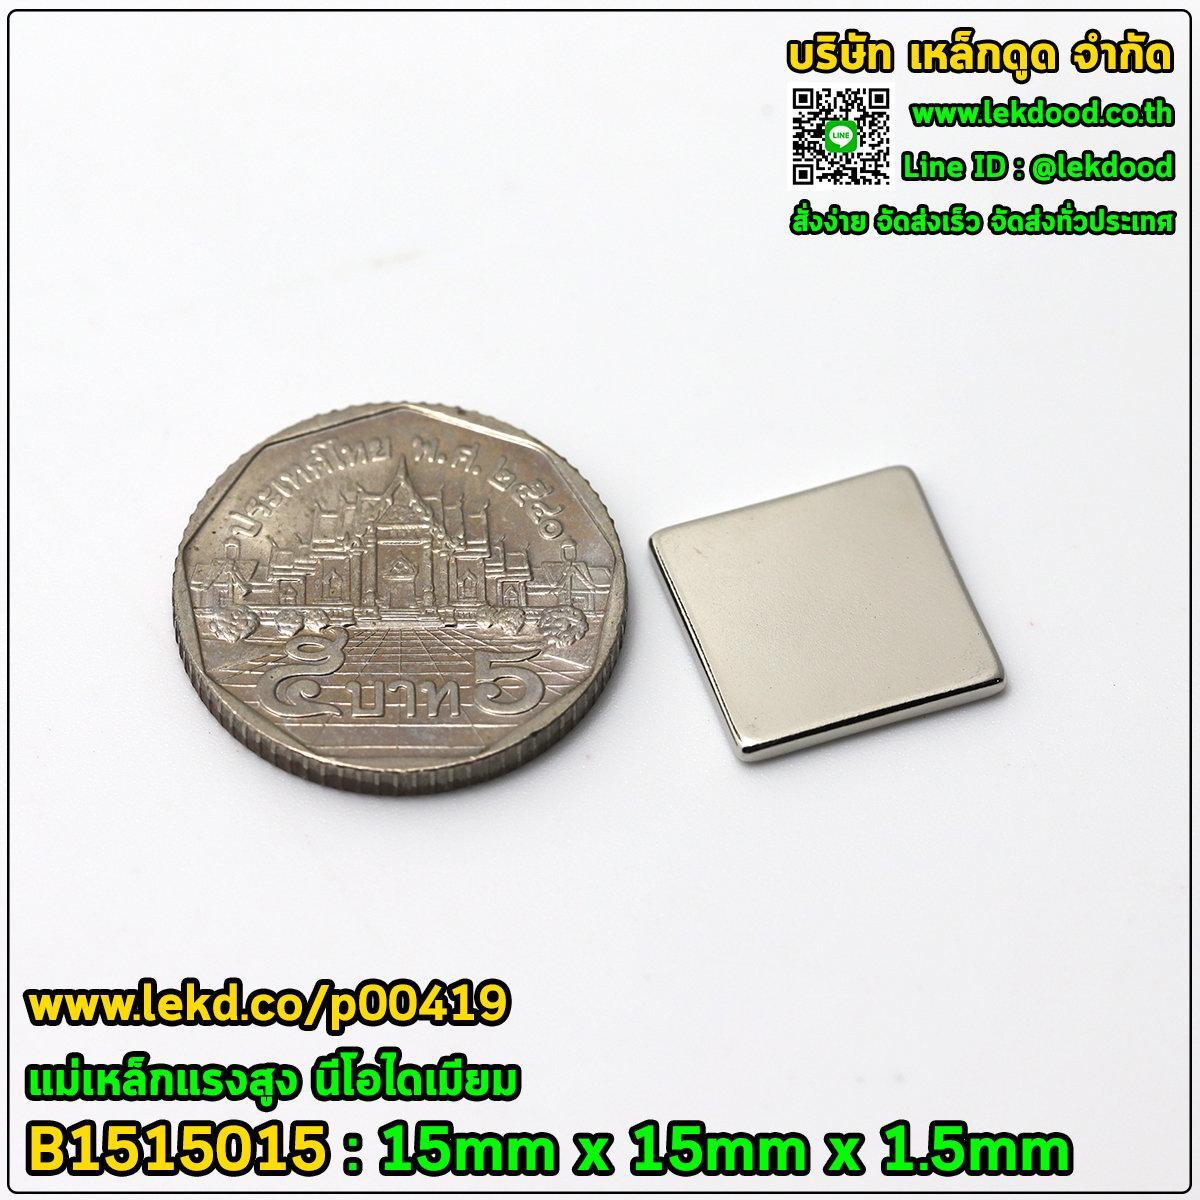 15mm x 15mm x 1.5mm รหัส 00419-B1515015